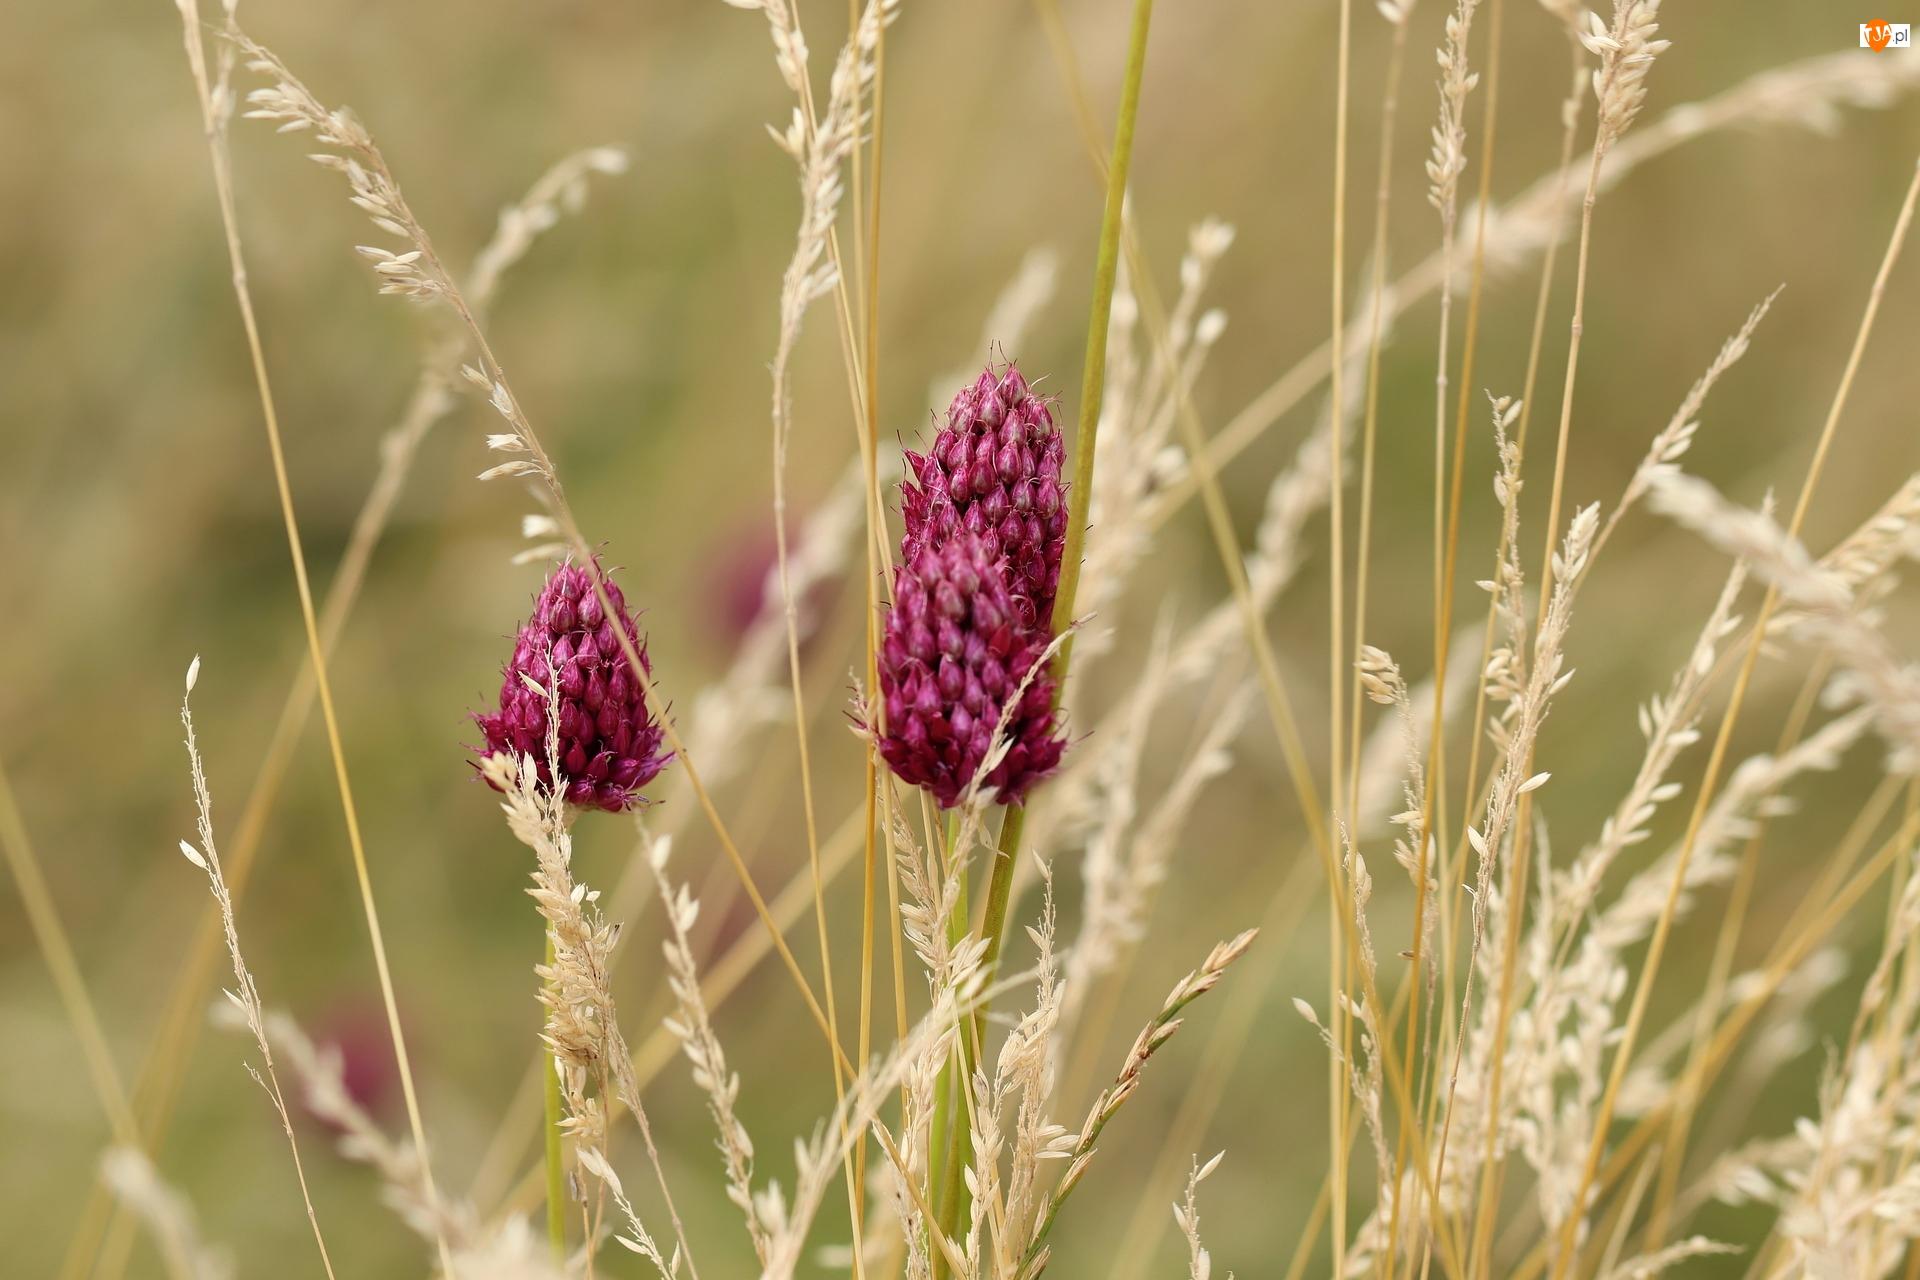 Czosnek główkowaty, Źdźbła, Trawa, Kwiaty